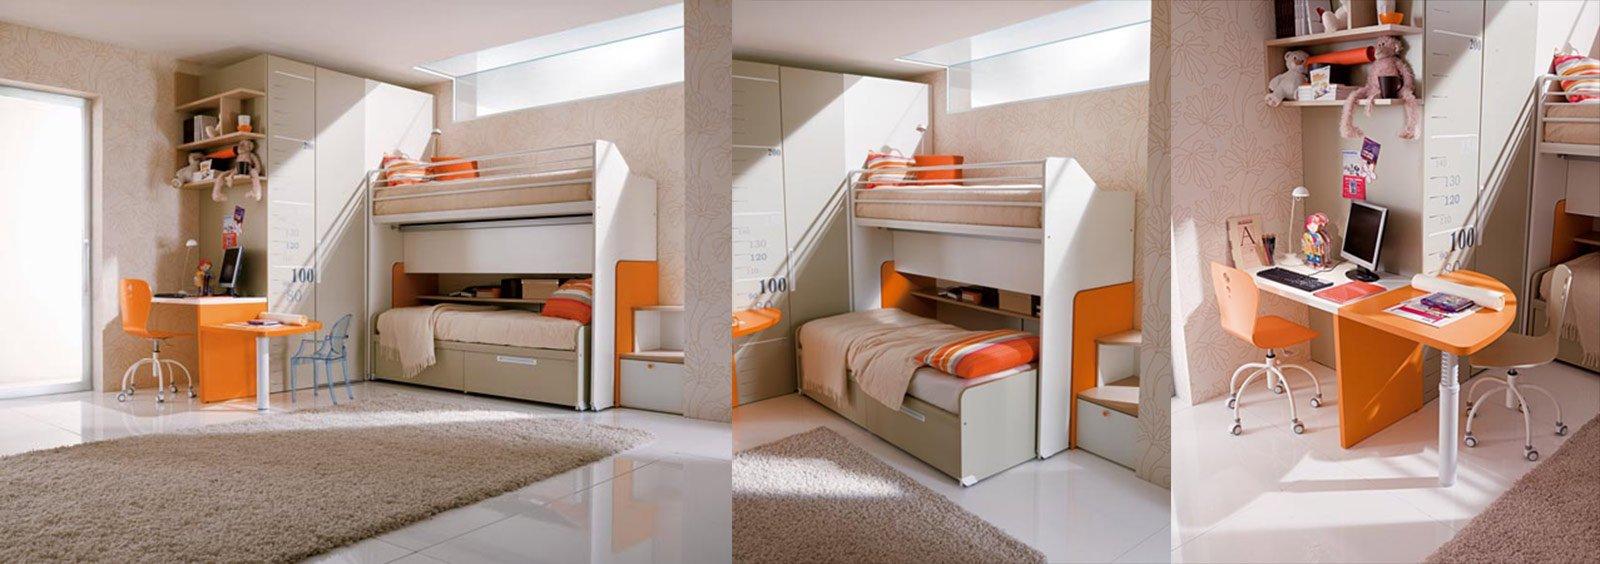 Camerette salvaspazio cose di casa for Poco costoso per costruire piani di casa